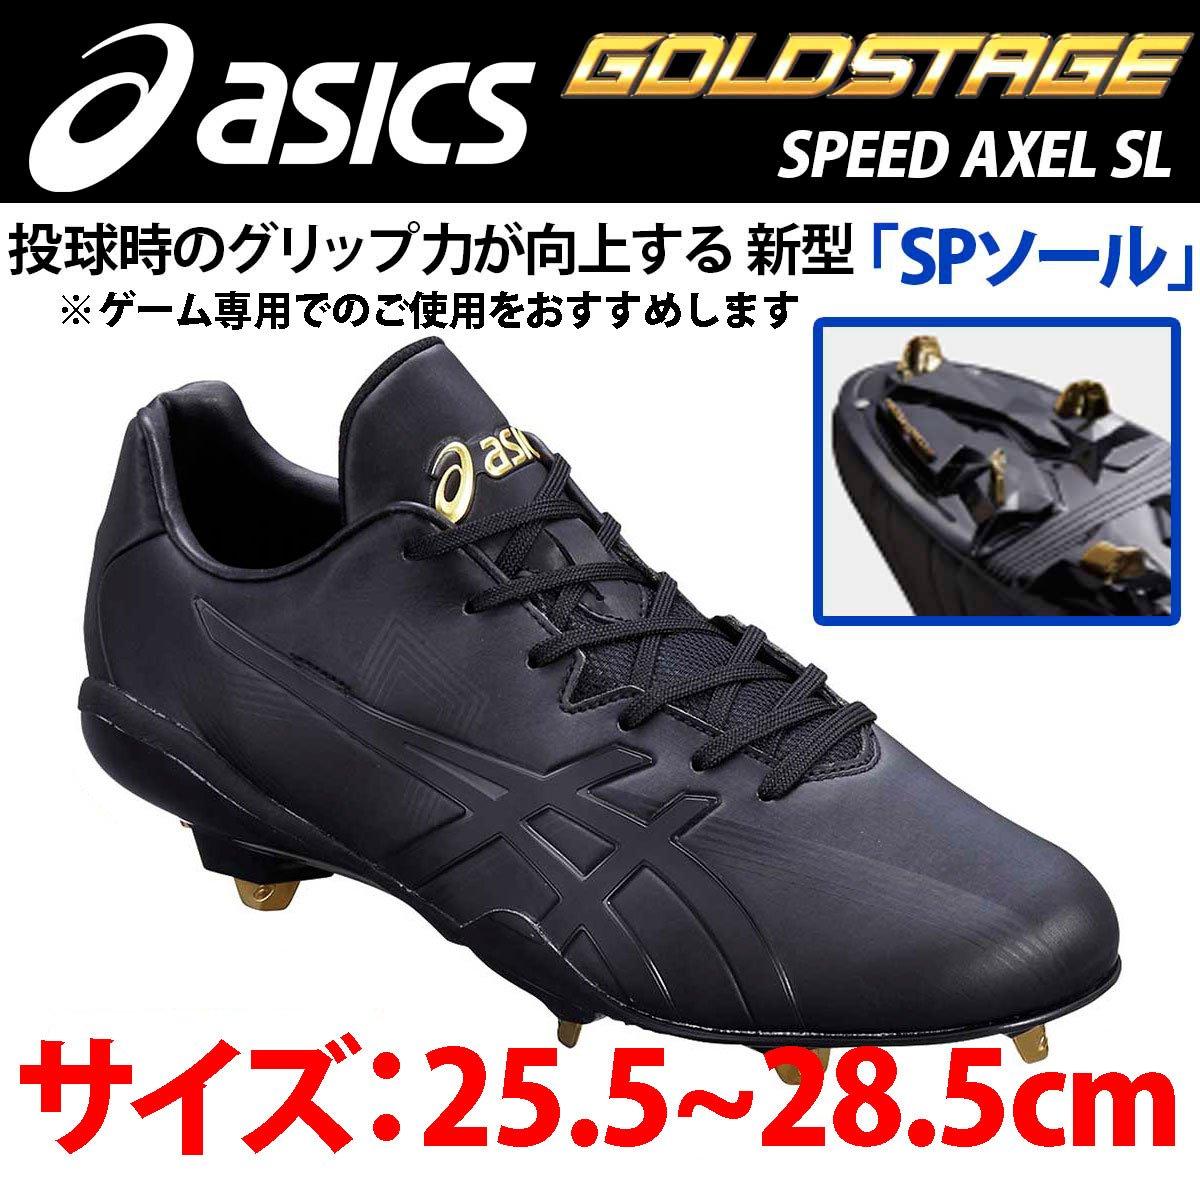 [アシックス] 野球 スパイク シューズ ゴールドステージ スピードアクセル SG-P メンズ B07BD5VXPR 25.5 cm ブラック/ブラック ブラック/ブラック 25.5 cm